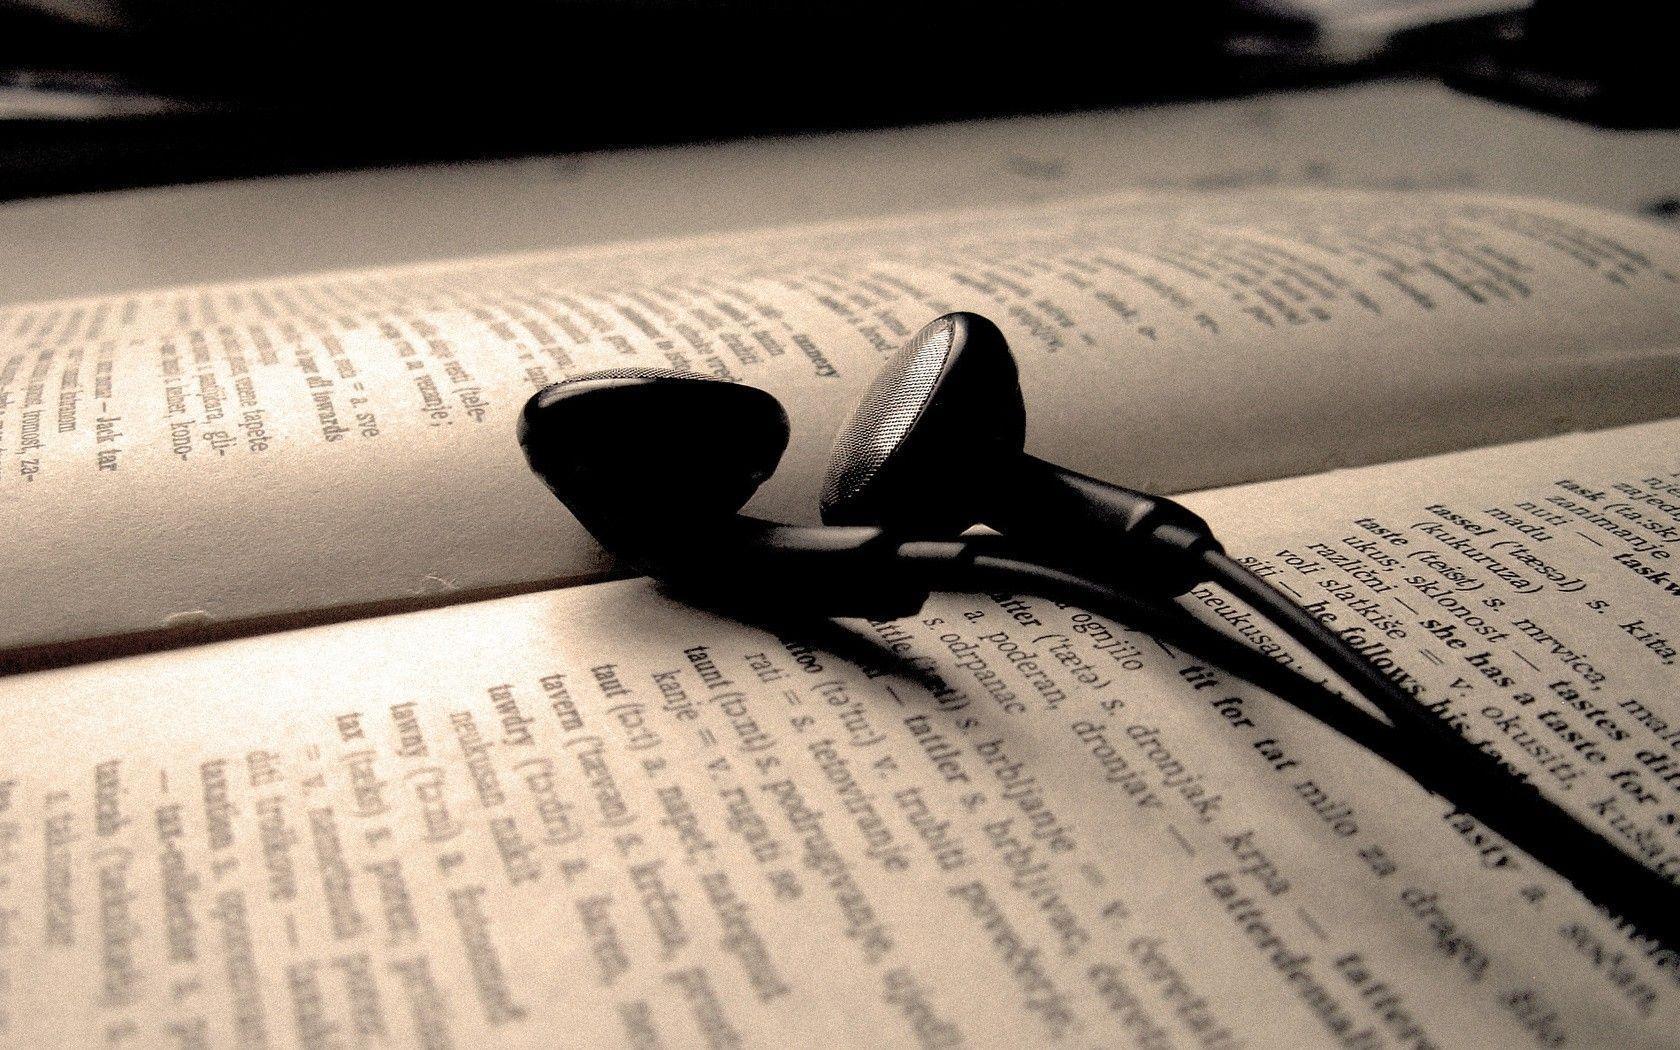 Aesthetic Book Earphones Photography